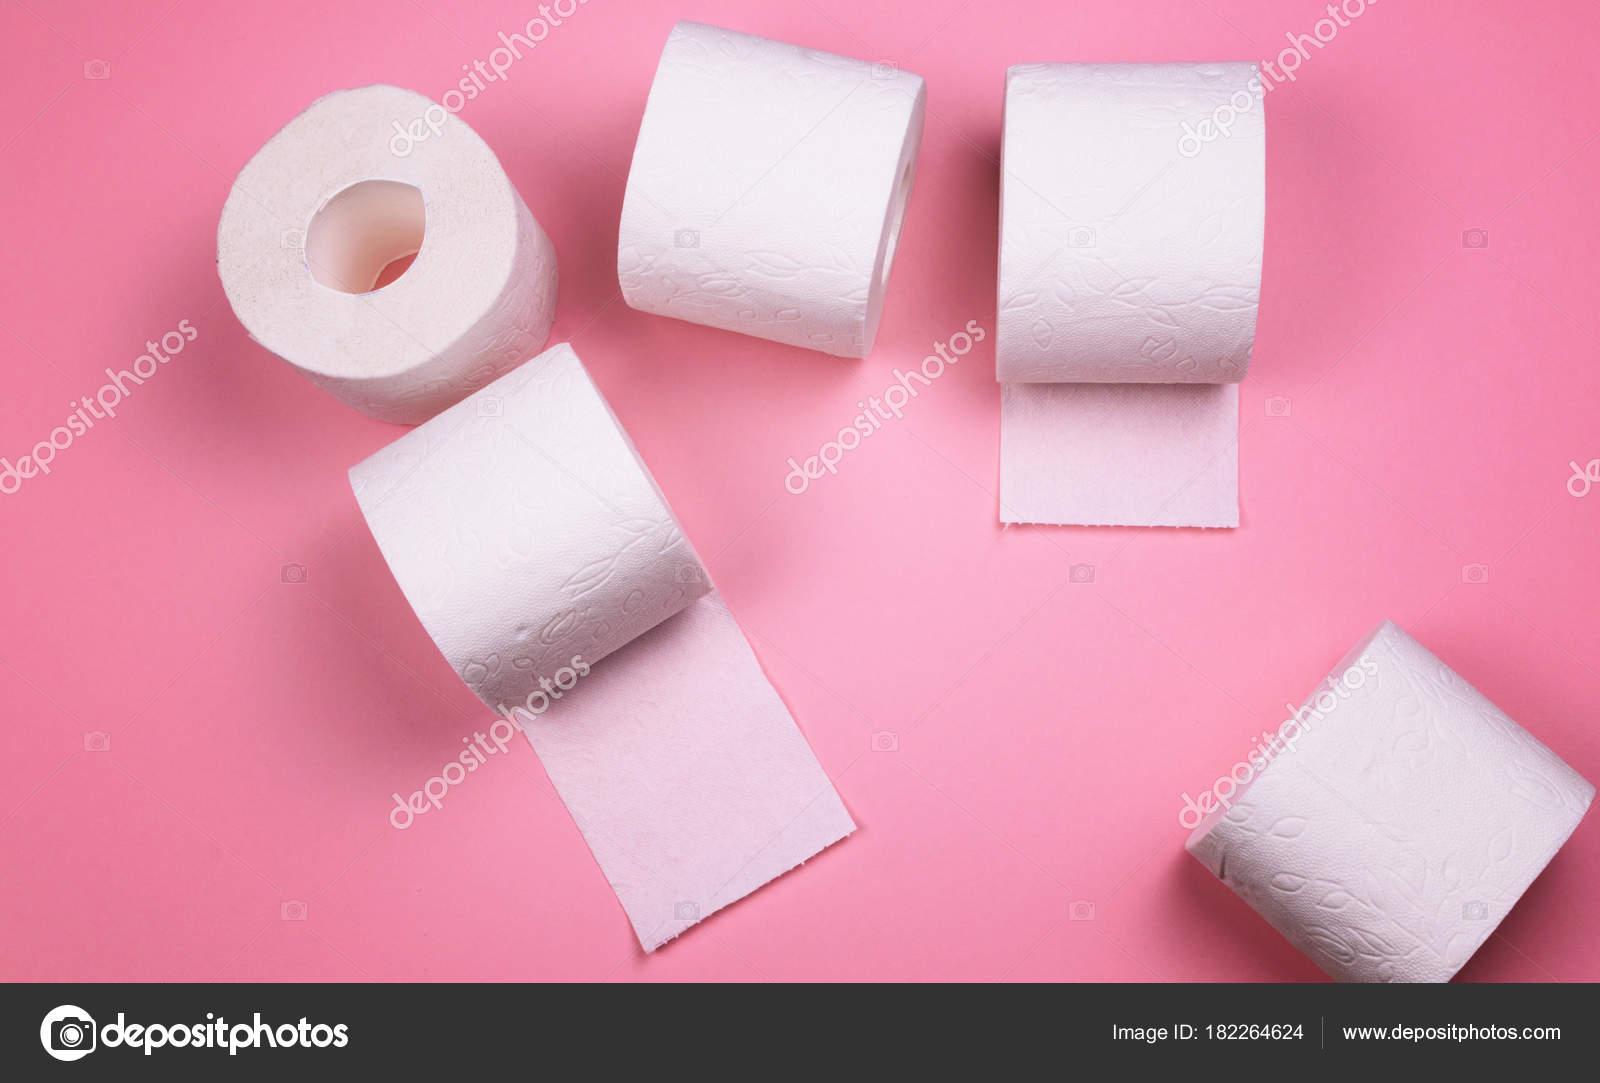 Rotoli Di Carta Colorata : Alcuni rotoli di carta igienica su uno sfondo colorato luminoso